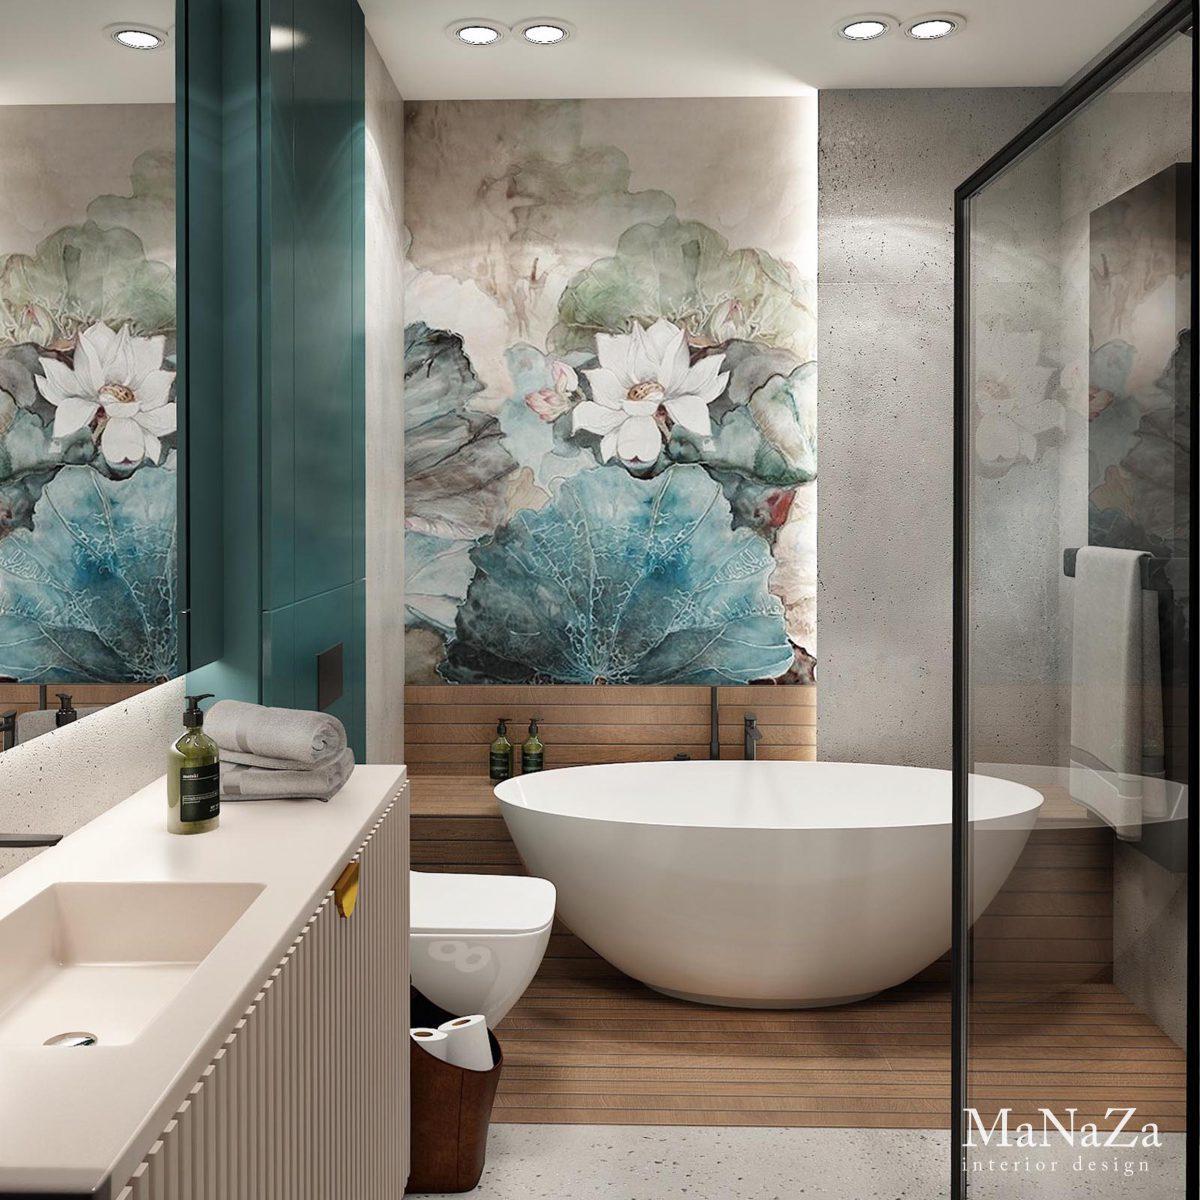 W towarzystwie betonu drewno i tapeta wodoodporna od Wall & Deco | proj. Manaza